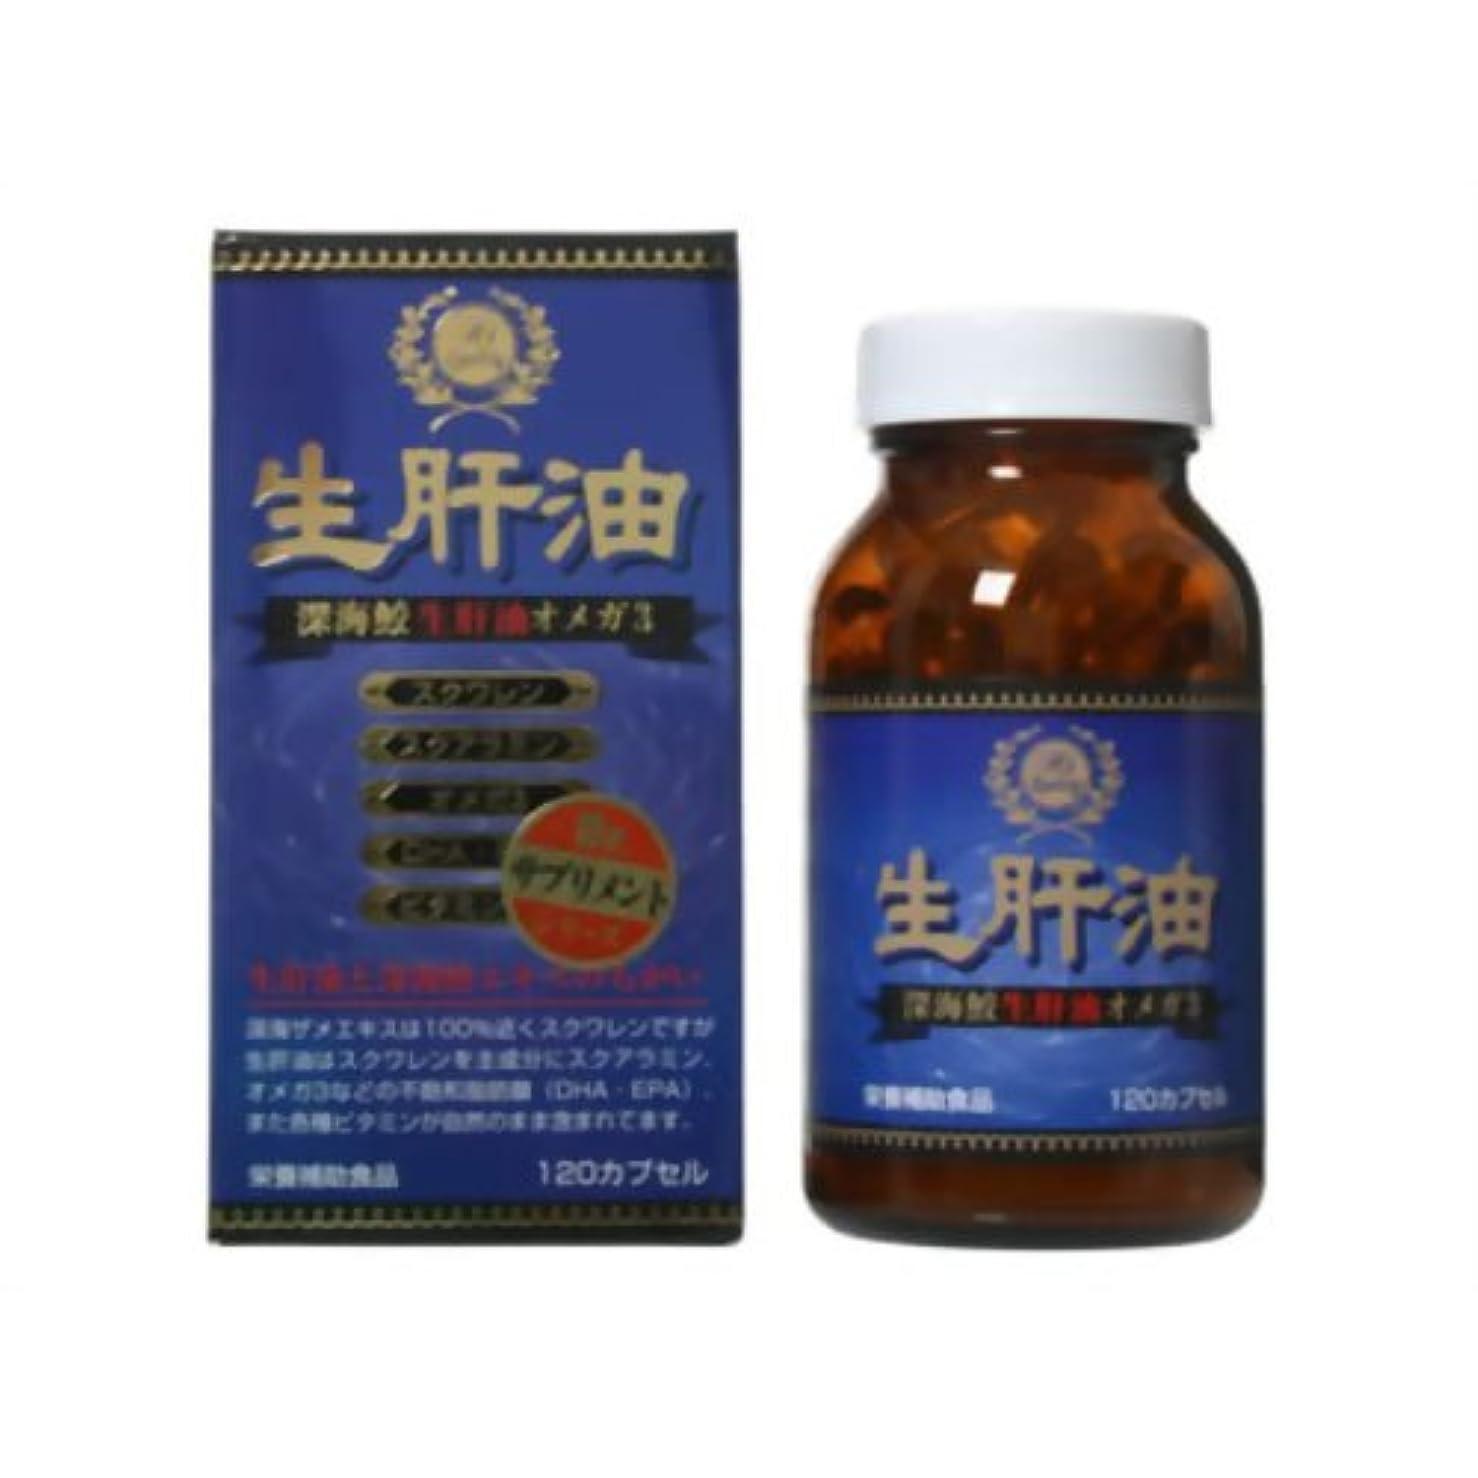 肉の消える特許生肝油 オメガ3 120カプセル